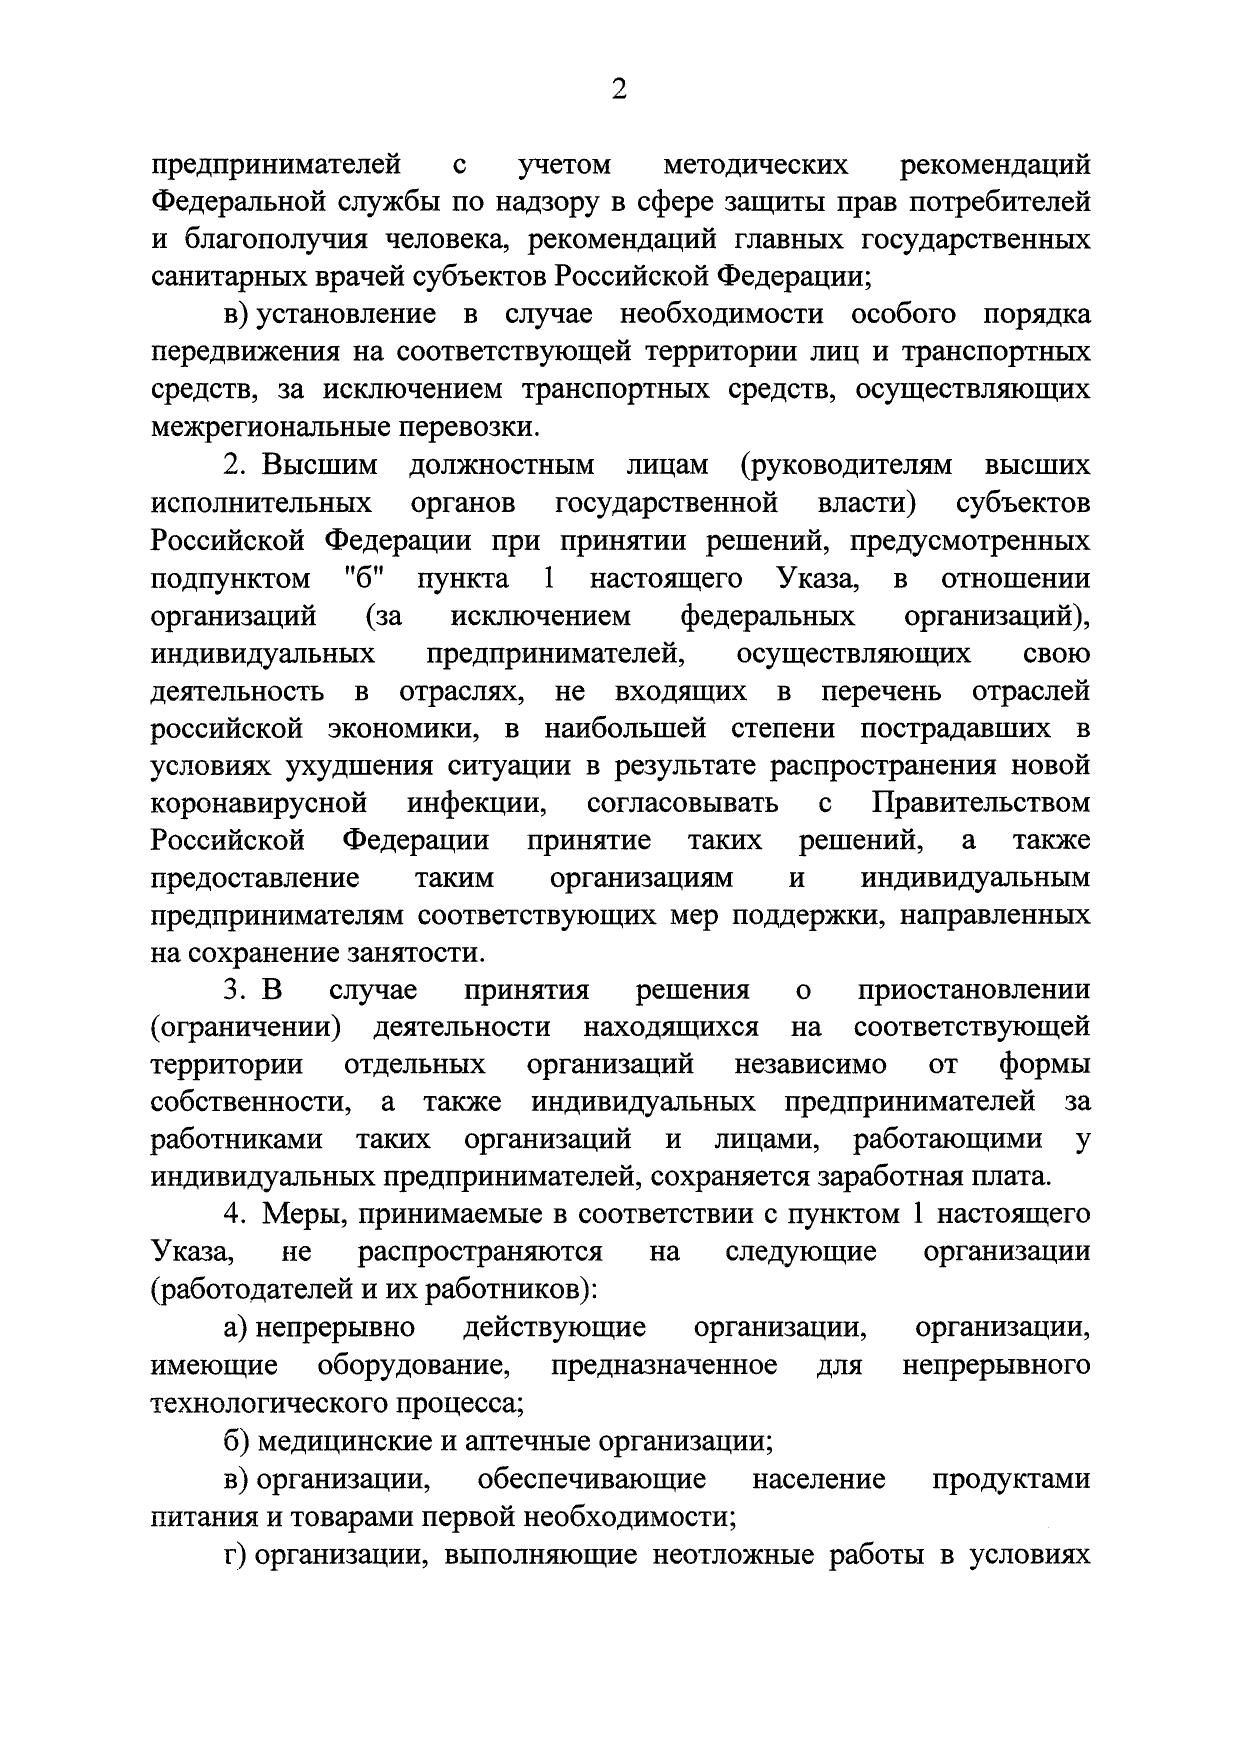 Указ Президента РФ от 11 мая 2020 г. (11.05.2020) N 316 2